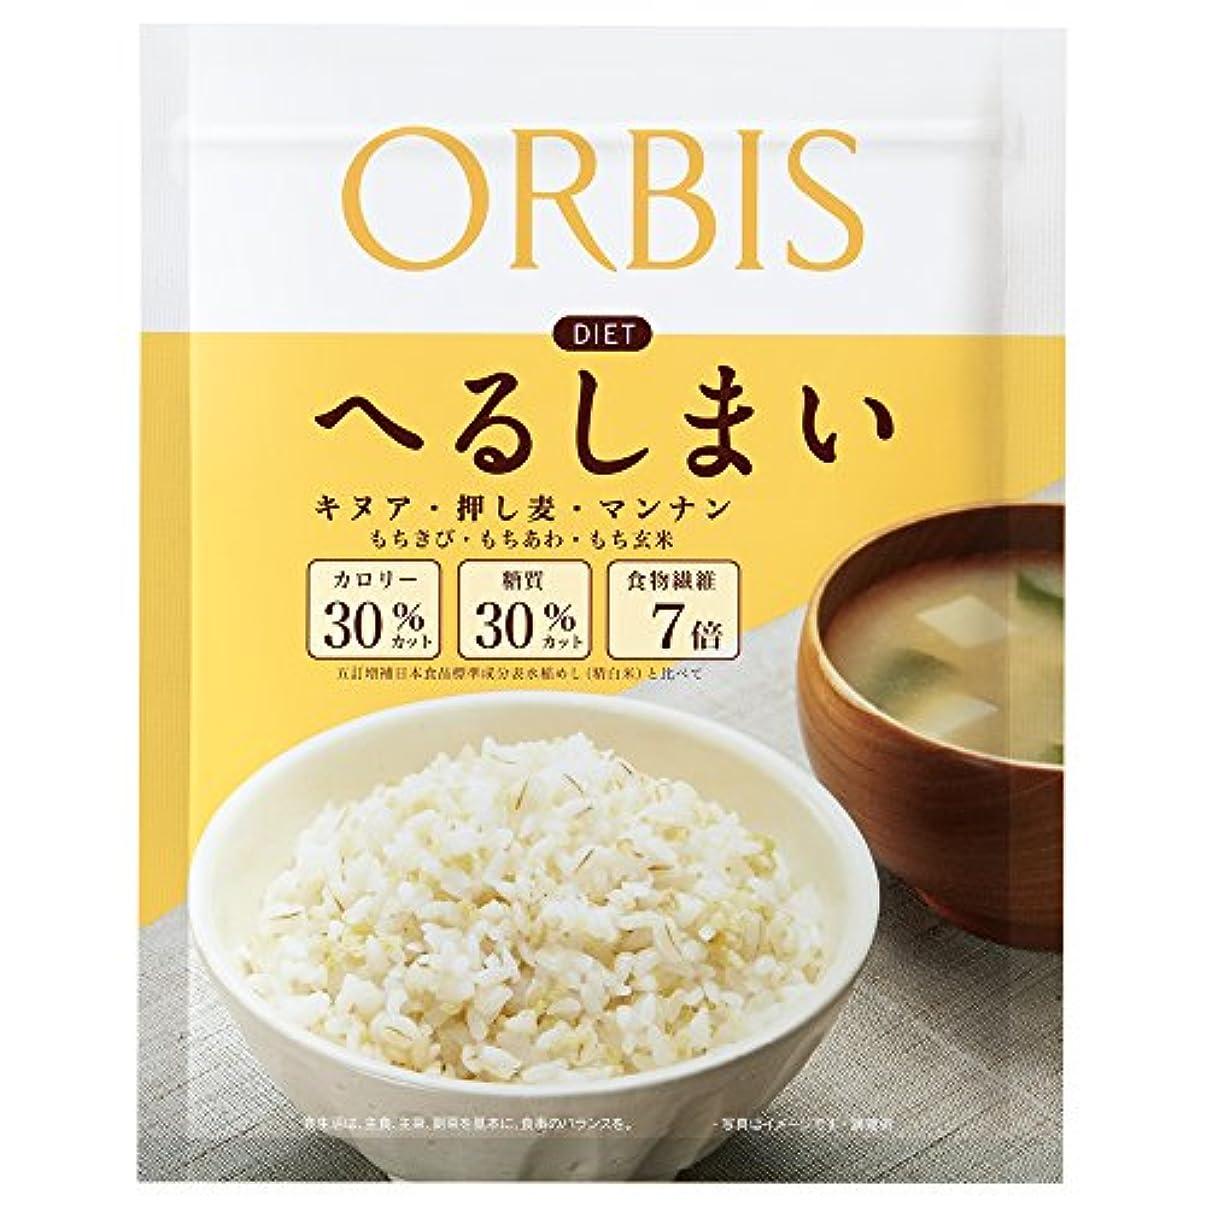 強調する先見の明割り当てオルビス(ORBIS) へるしまい 38g×7袋 ◎ダイエット米◎